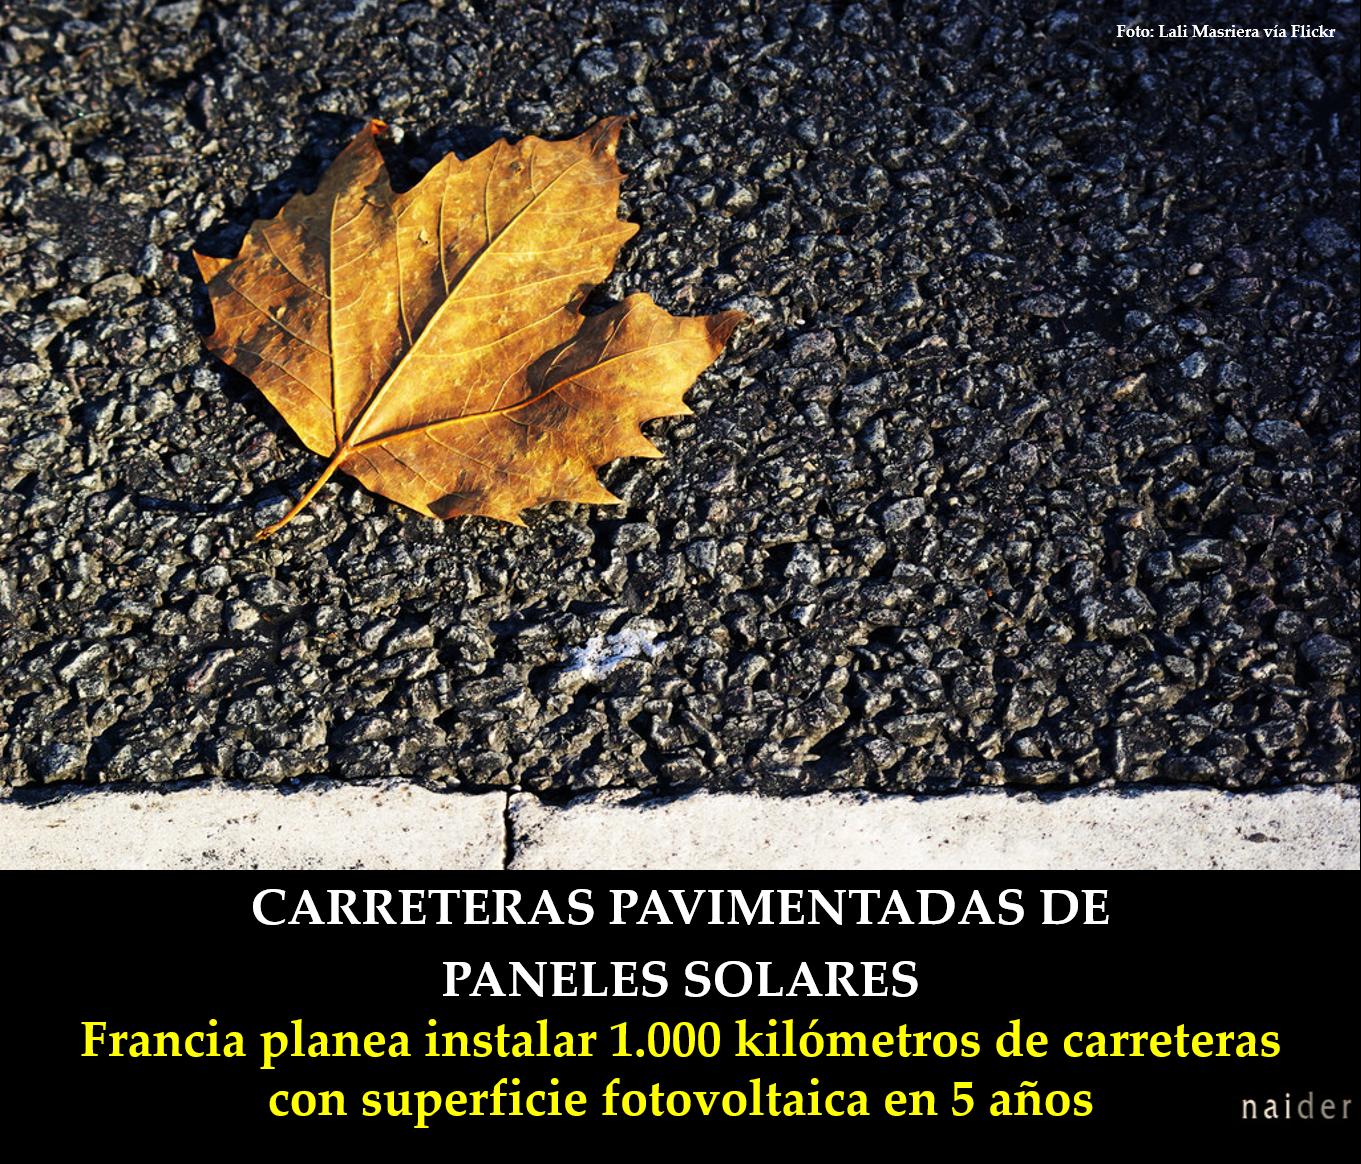 Carreteras pavimentadas de paneles solares infopost